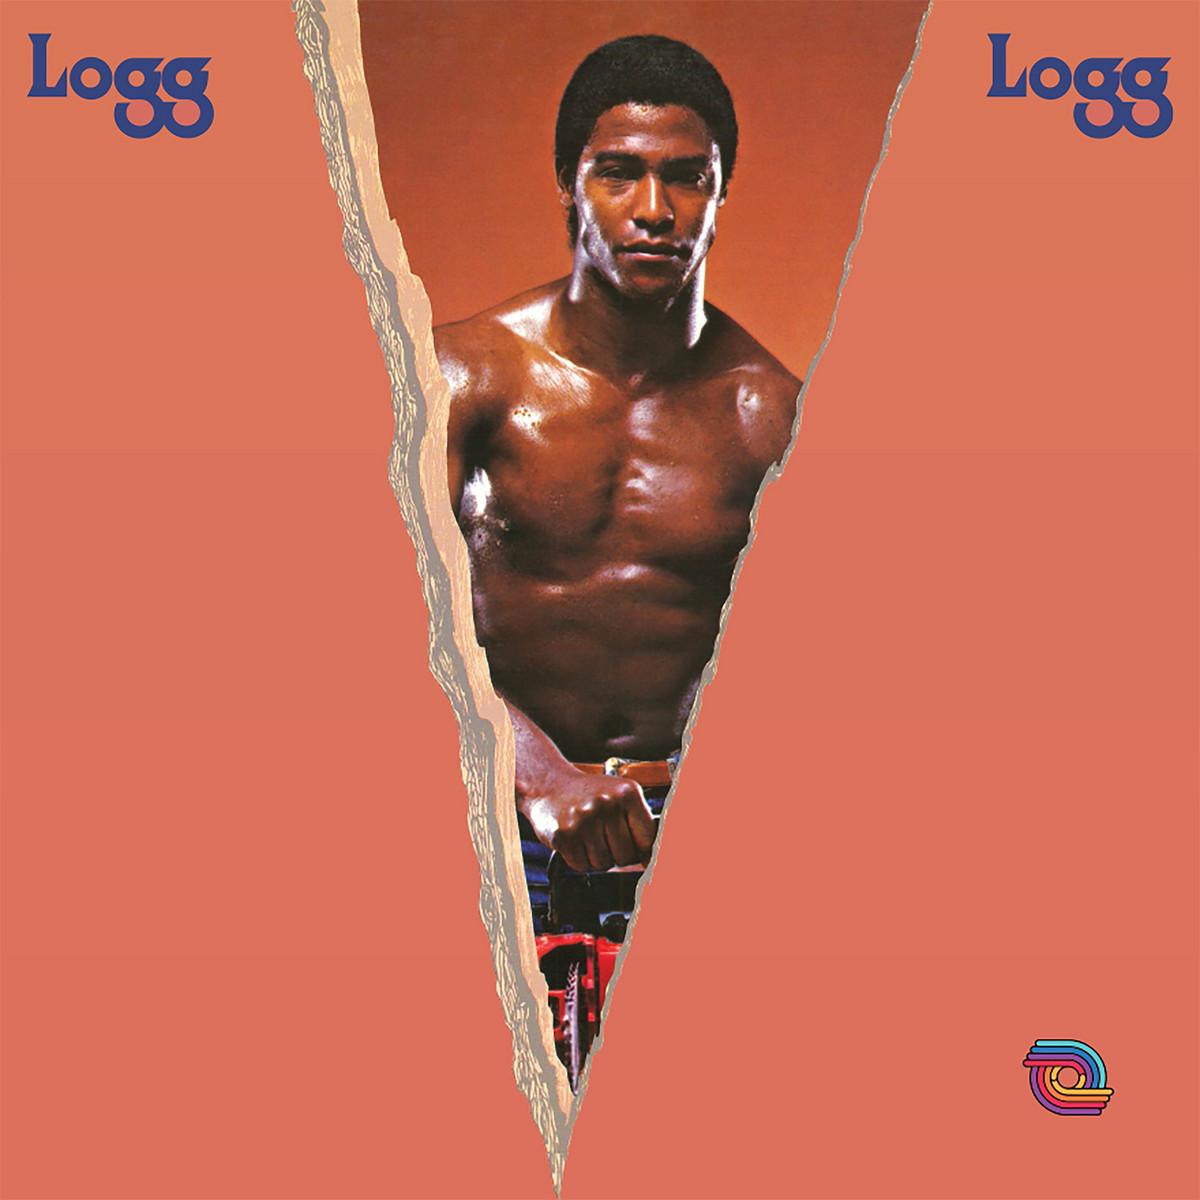 Logg/LOGG 180G VINYL LP